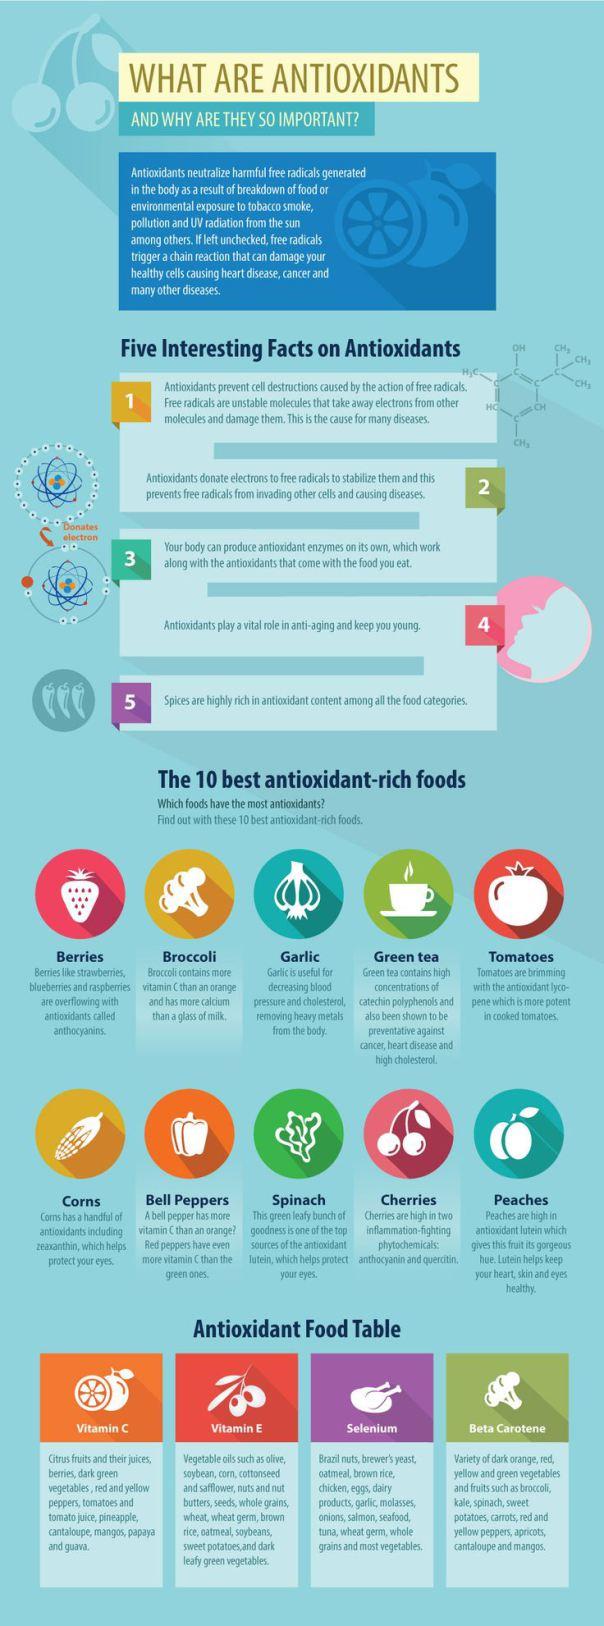 Antioxidants | mitzitup.com